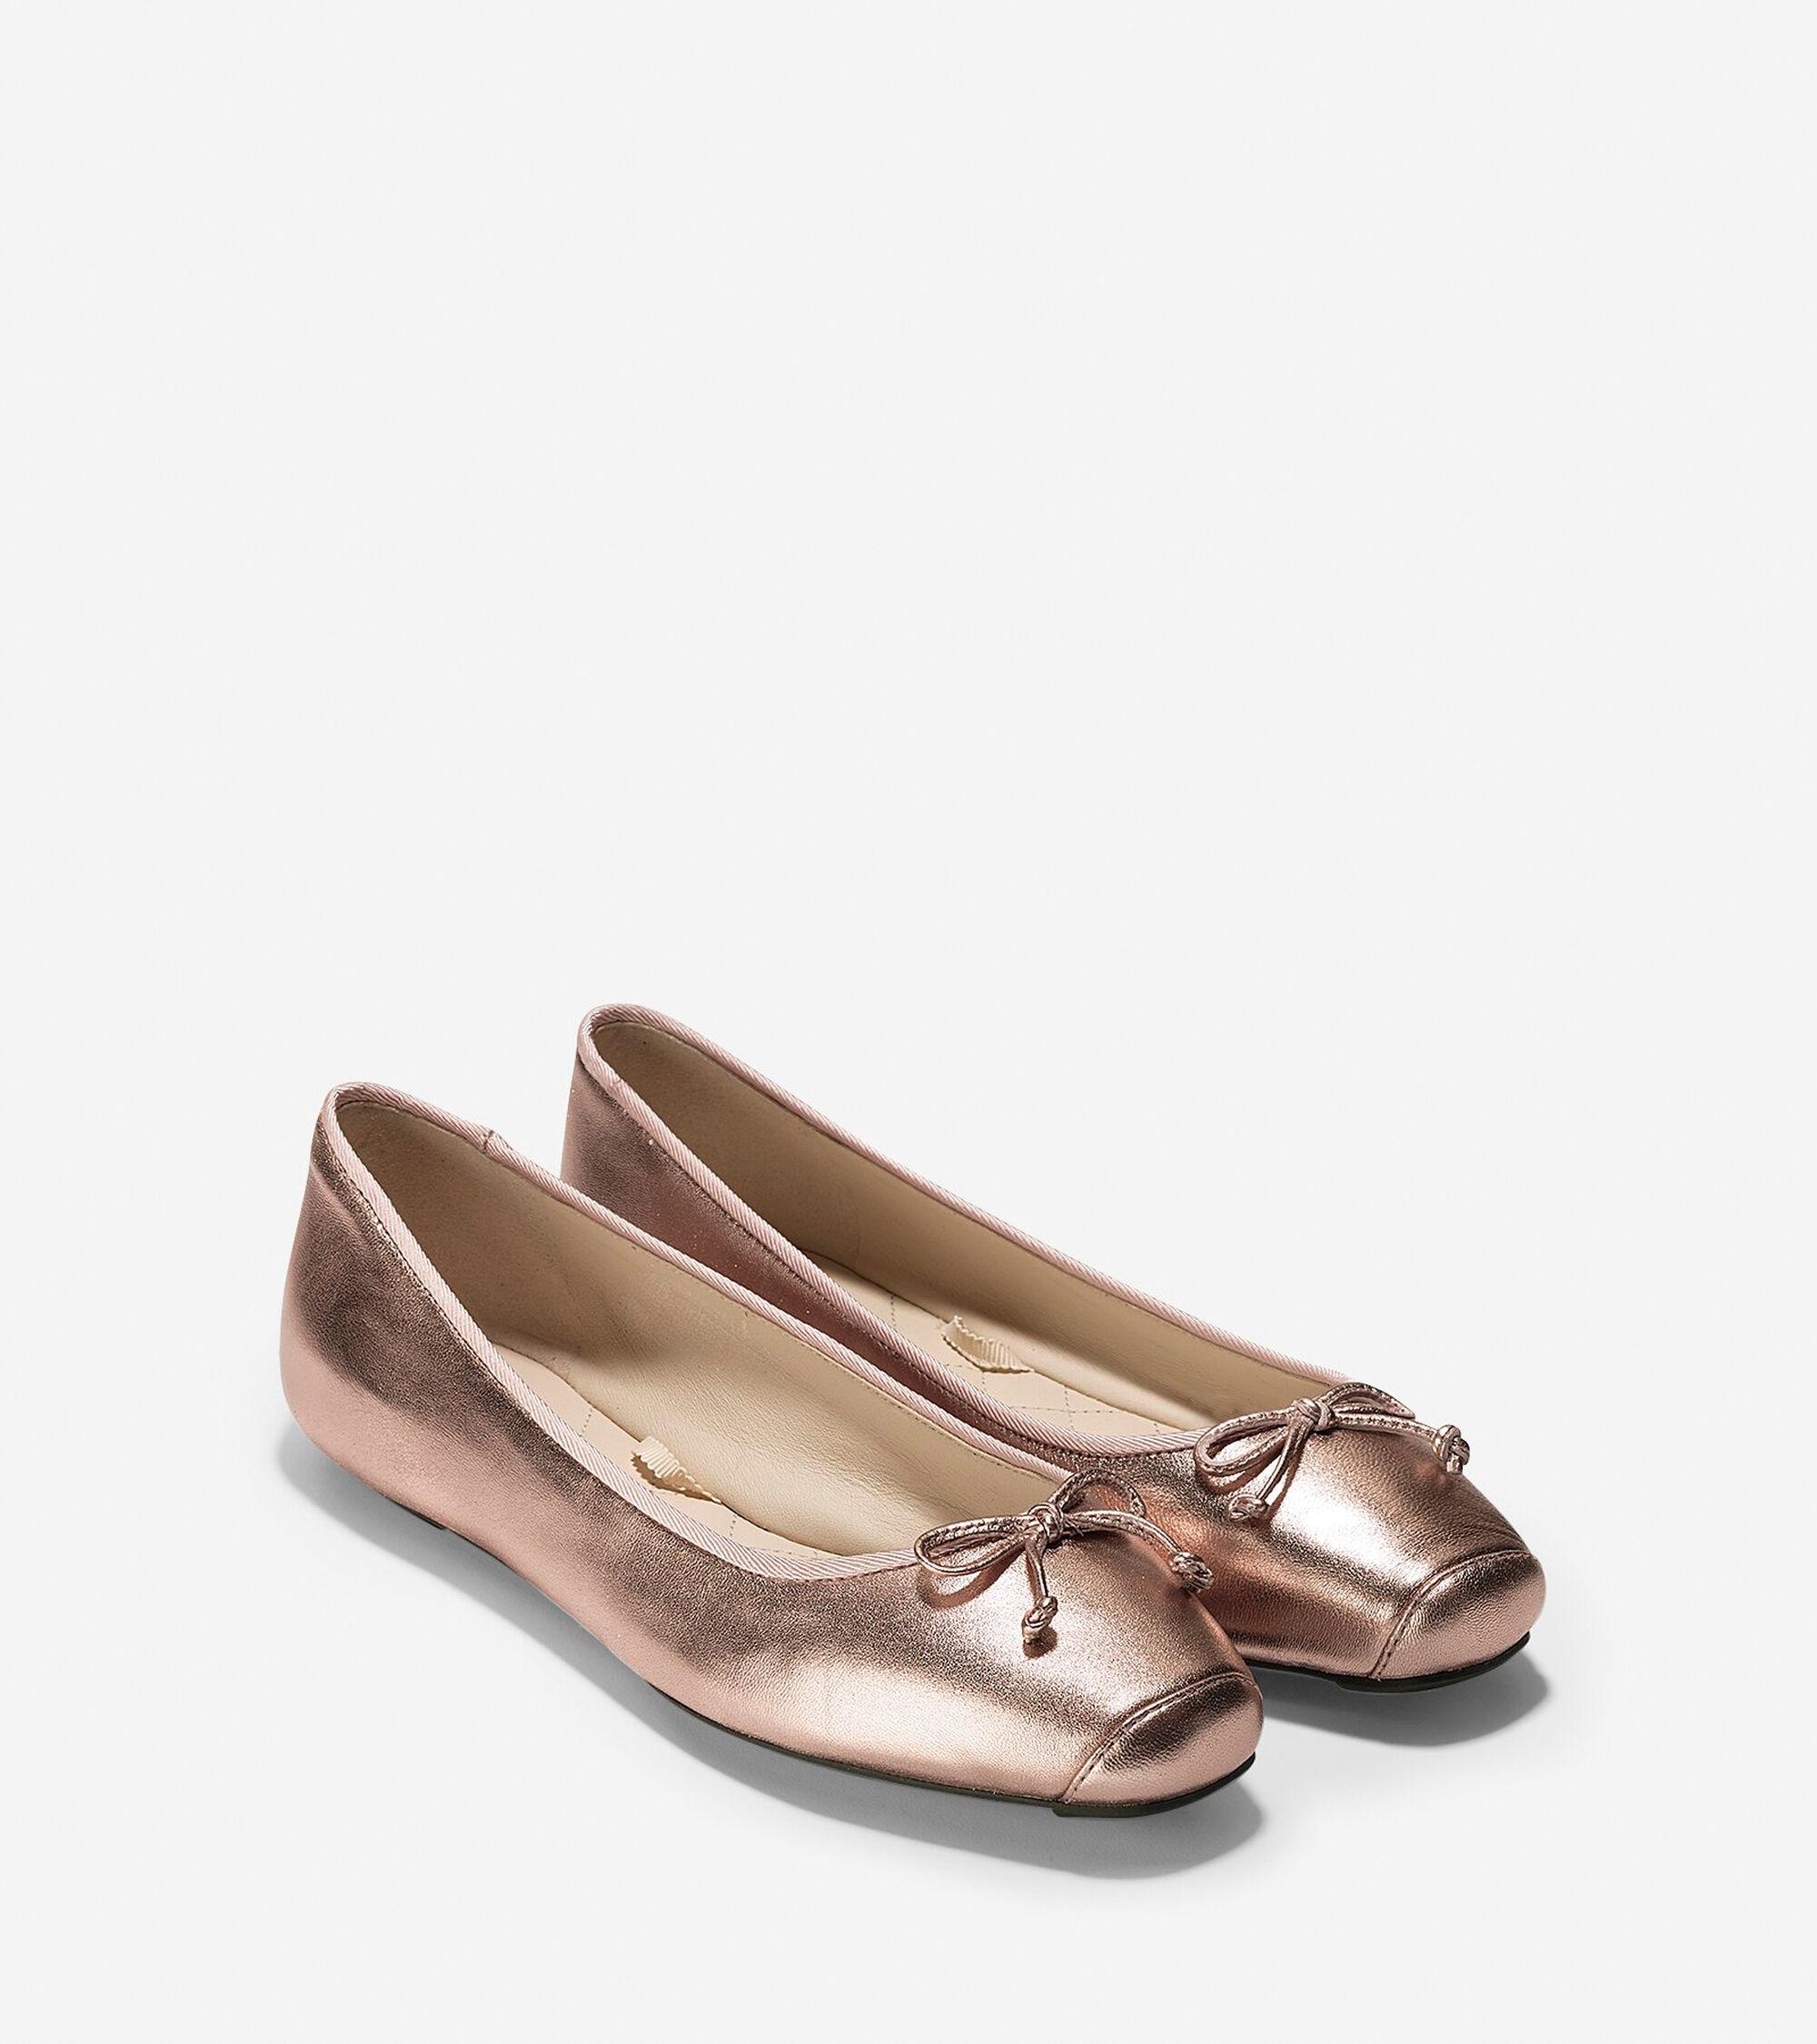 ea66f1c2ee47 Women s Downtown Ballet Flats in Rose Gold Metallic